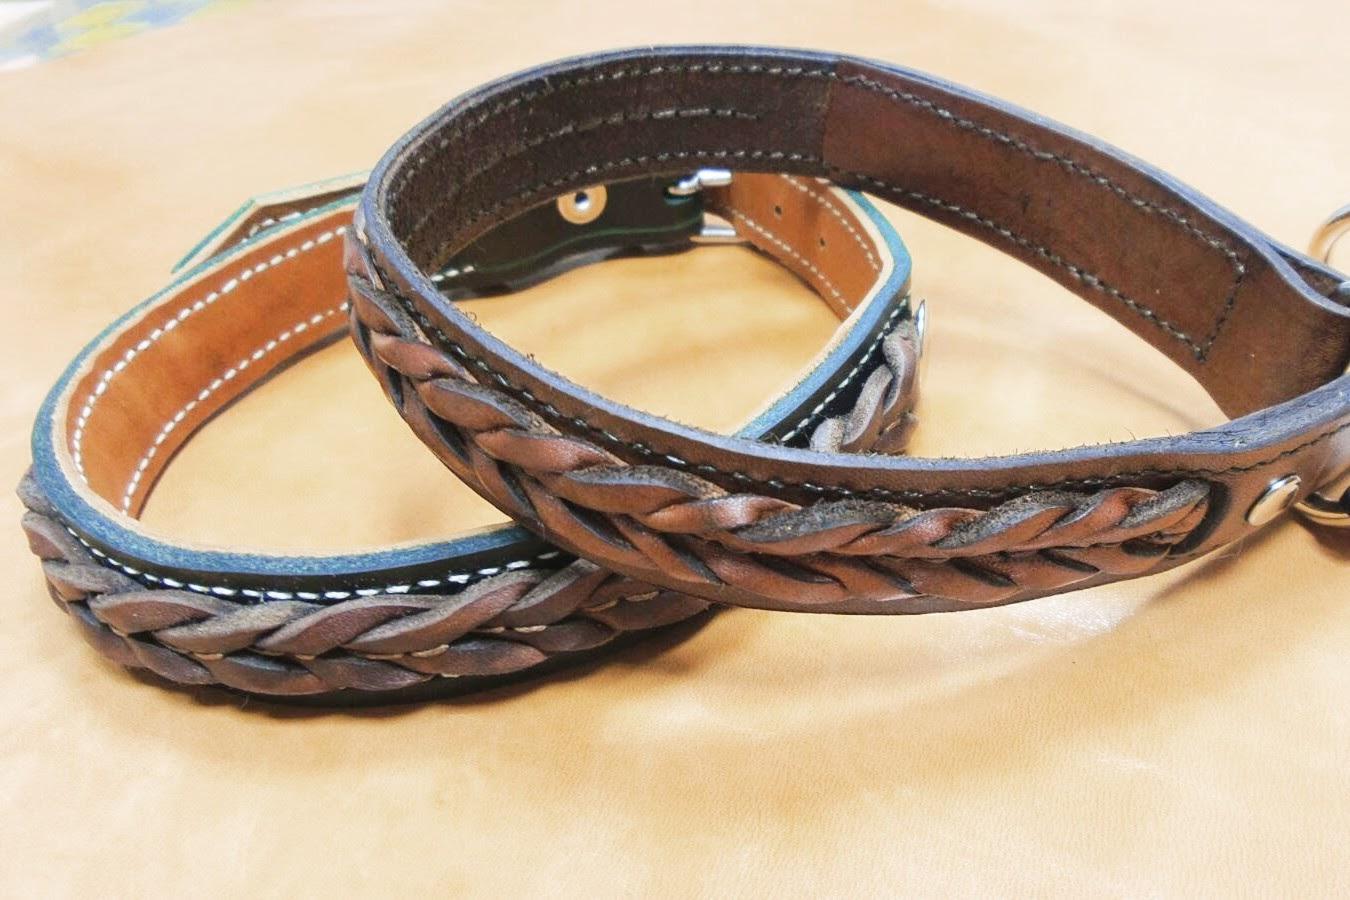 Collares para perros de cuero trenzado artesan a en cuero - Collares de cuero ...